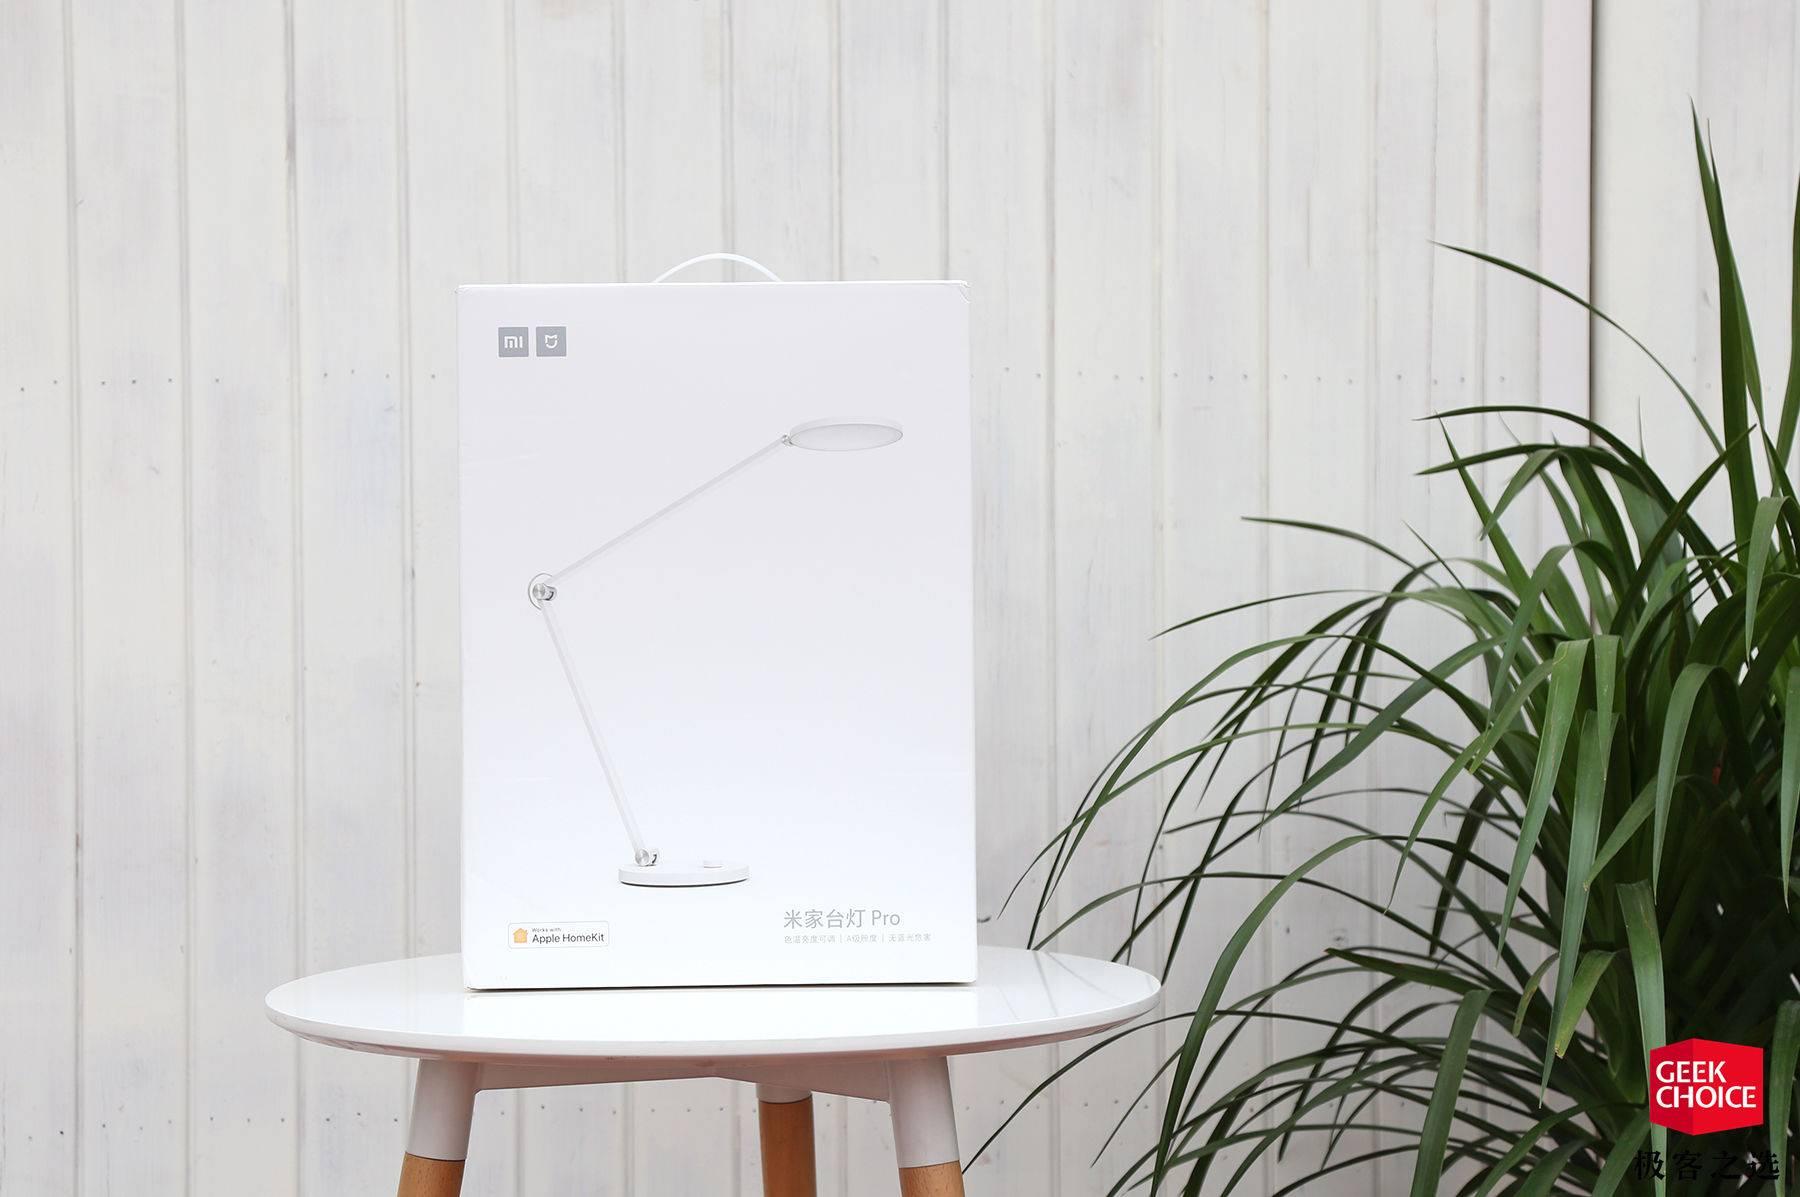 米家台灯Pro图赏:售价349元,用小爱同学和Siri都能轻松控制